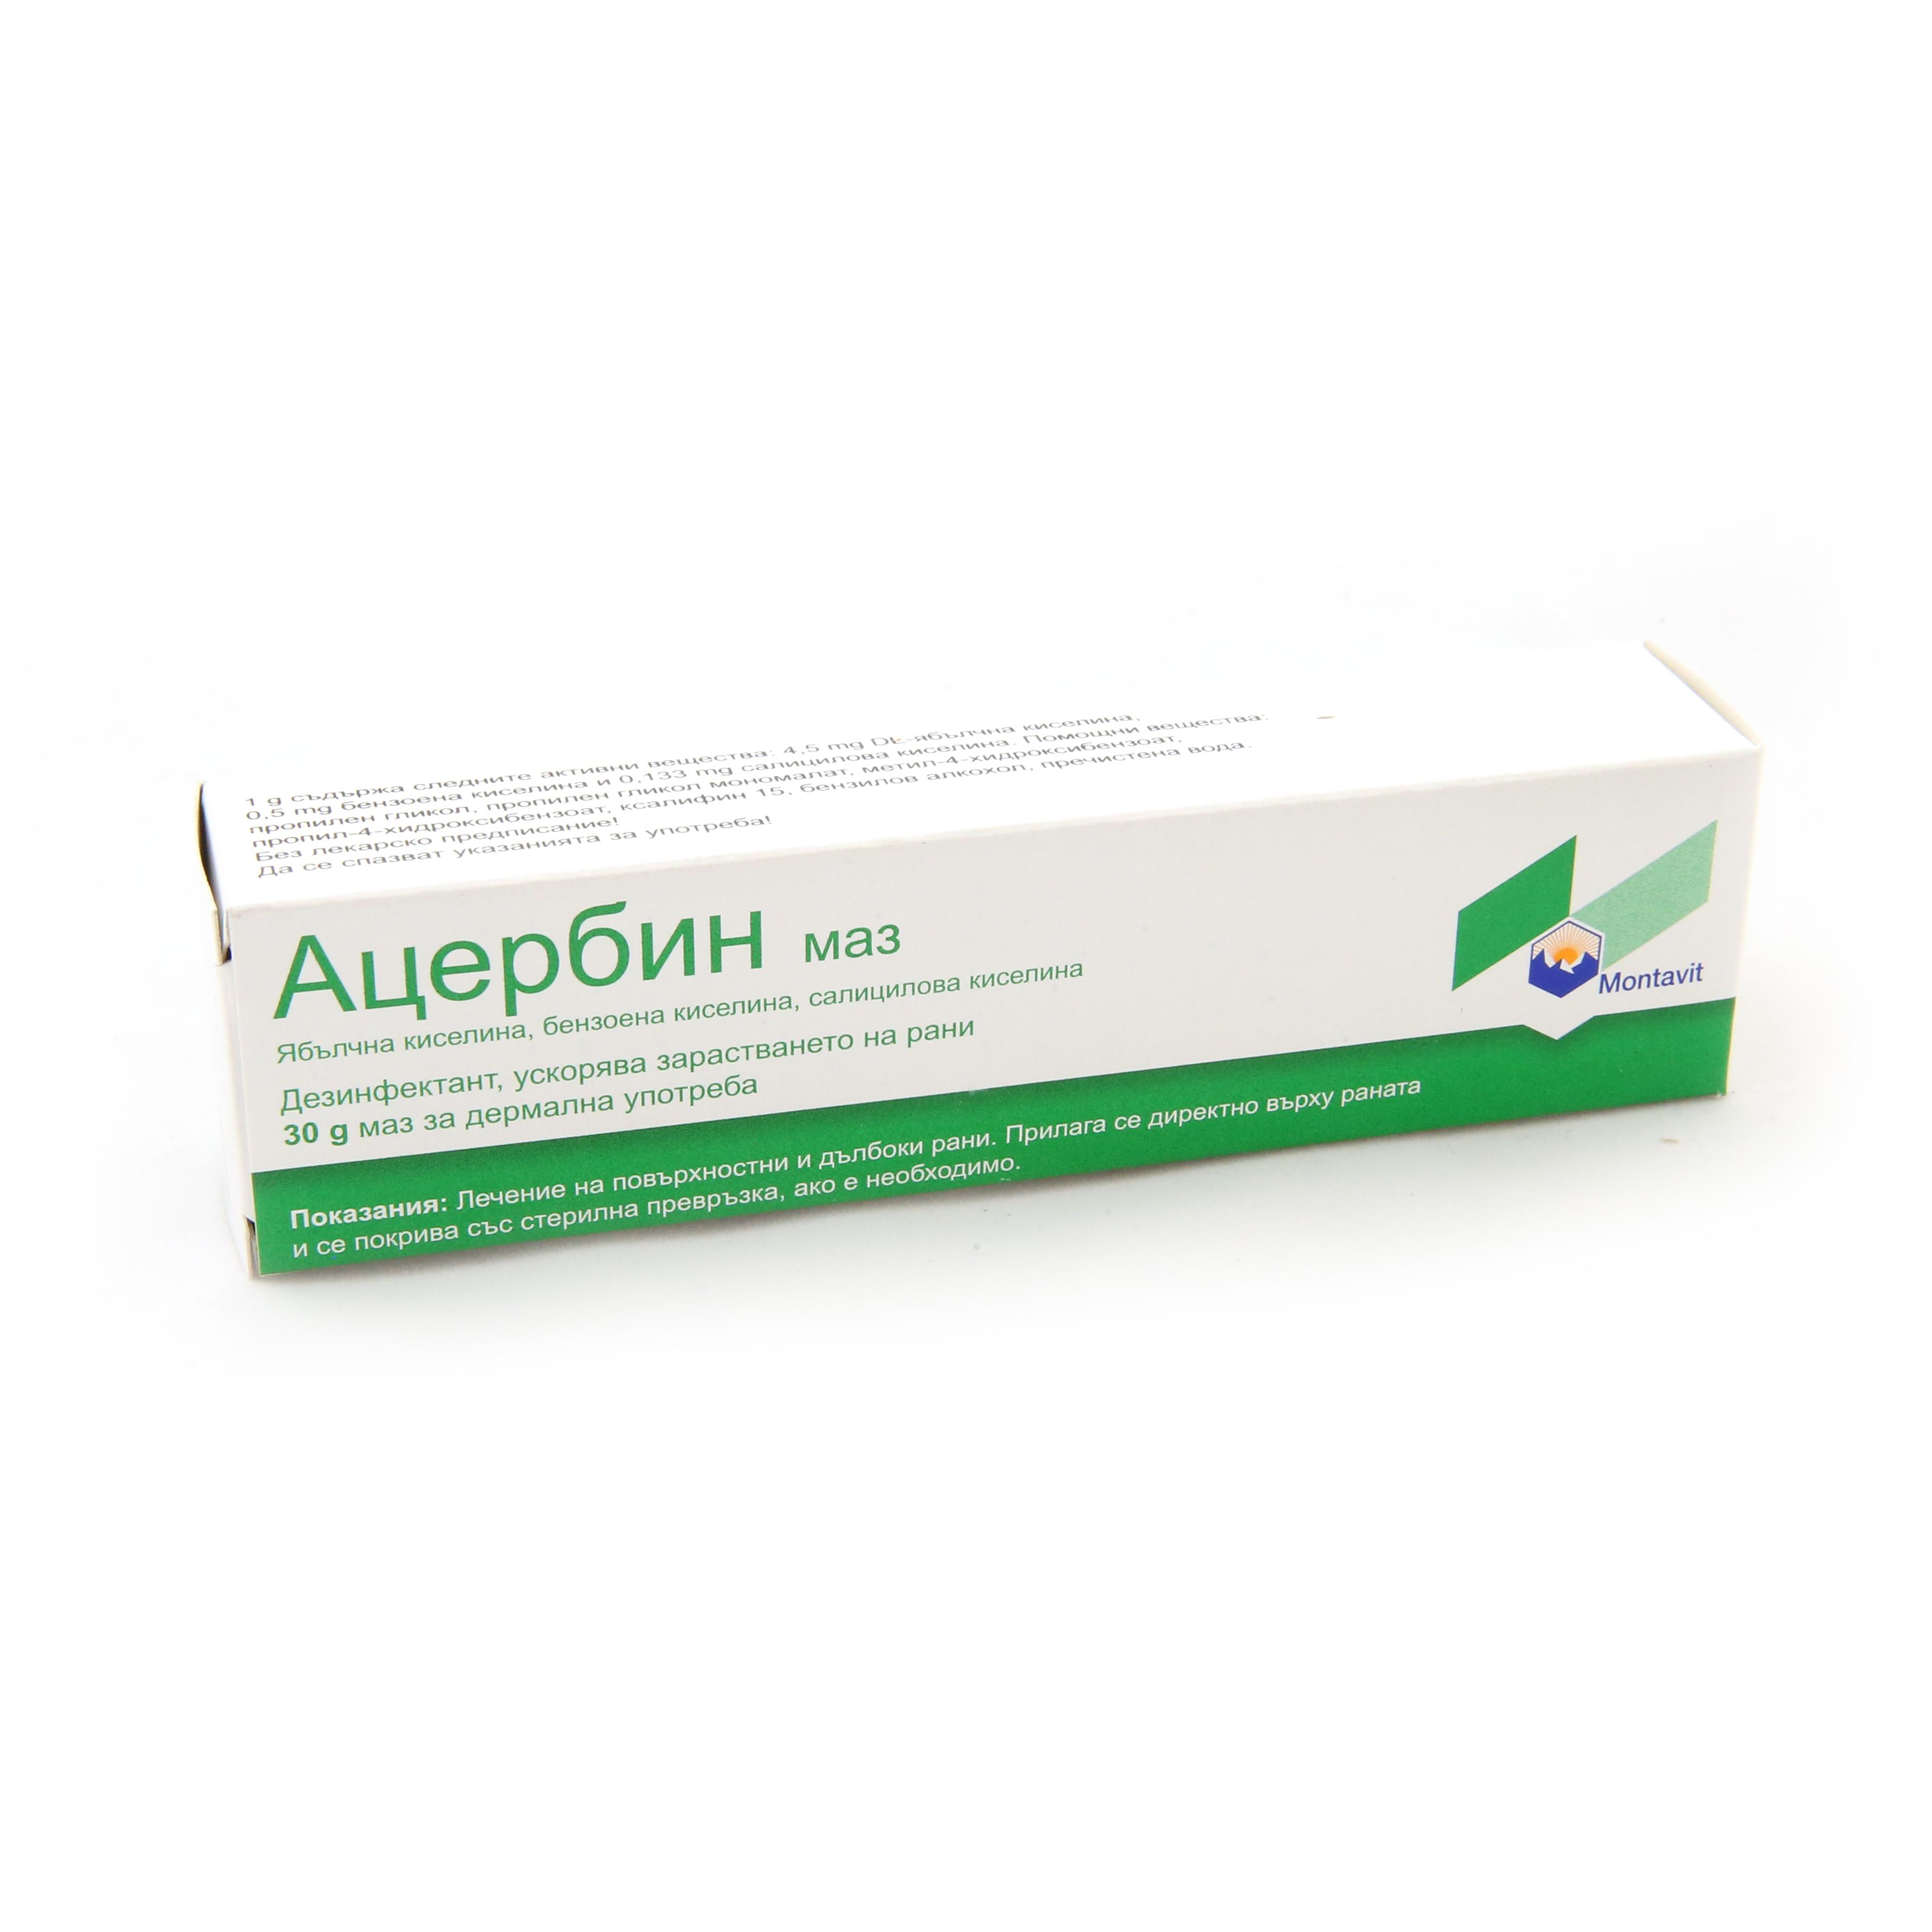 КАКВО ПРЕДСТАВЛЯВА АЦЕРБИН МАЗ И ЗА КАКВО СЕ ИЗПОЛЗВА?  АЦЕРБИН маз / ACERBIN на фармацевтичната компания австрийската Монтавит представлява лечебна маз със заздравяващо действие, която се прилага за лечение на повърхностни кожни наранявания като изгаряния, попарвания /заливане с гореща вода/,  рани, драскотини и слънчево изгаряне. Ускорява заздравяването на раната. Спомага за отделянето на мъртвите тъкани от повърхността на раната.Благоприятства за образуване на нова здрава тъкан. Облекчава болката. Подходящ за бебета, деца и възрастни.  Как действа Ацербин Маз?  Ацербин маз е дезинфектант, облекчава болката и ускорява заздравяването на раните. Благоприятства отделянето на мъртвите тъкани от повърхността на раната и същевременно спомага за образуване на нова здрава тъкан.Поради специалния си състав този продукт има антисептичен ефект.Той осигурява правилното равновесие на течности и подпомага процеса на заздравяване по много начини. Ацербин маз се нанася лесно. Базата му е с ниско съдържание на мазнини и е особено подходящ за лечение на сълзящи рани, открити телесни повърхности /напр. лицето/ и окосмените части на тялото.  Преди да използвате Ацербин Маз:  Не използвайте Ацeрбин маз: ако сте алергичен /свръхчувствителен/ към ябълчна киселина, бензоена киселина , салицилова киселина, метил-4-хидроксибензоат, пропил-4-хидроксибензоат или някоя от останалите съставки на Ацербин маз.  Употребявайте Ацербин маз с особено внимание:  Ако имате обширни изгаряния и рани, посъветвайте се с Вашия лекар; ако имате язва, декубитус / рана от продължително лежане в леглото/ или се подготвяте за кожна трансплантация, трябва да се посъветвате с лекар; ако имате нарушена бъбречна функция, не трябва да прилагате Ацербин маз върху голяма площ и за дълги периоди. Употребата на Ацербин маз при новородени не се препоръчва. Ацербин маз не трябва да влиза в контакт с лигавиците особено около очите и устата - измивайте ръцете си след употреба. Ако симптомите не се повлияят, ако имате необяс